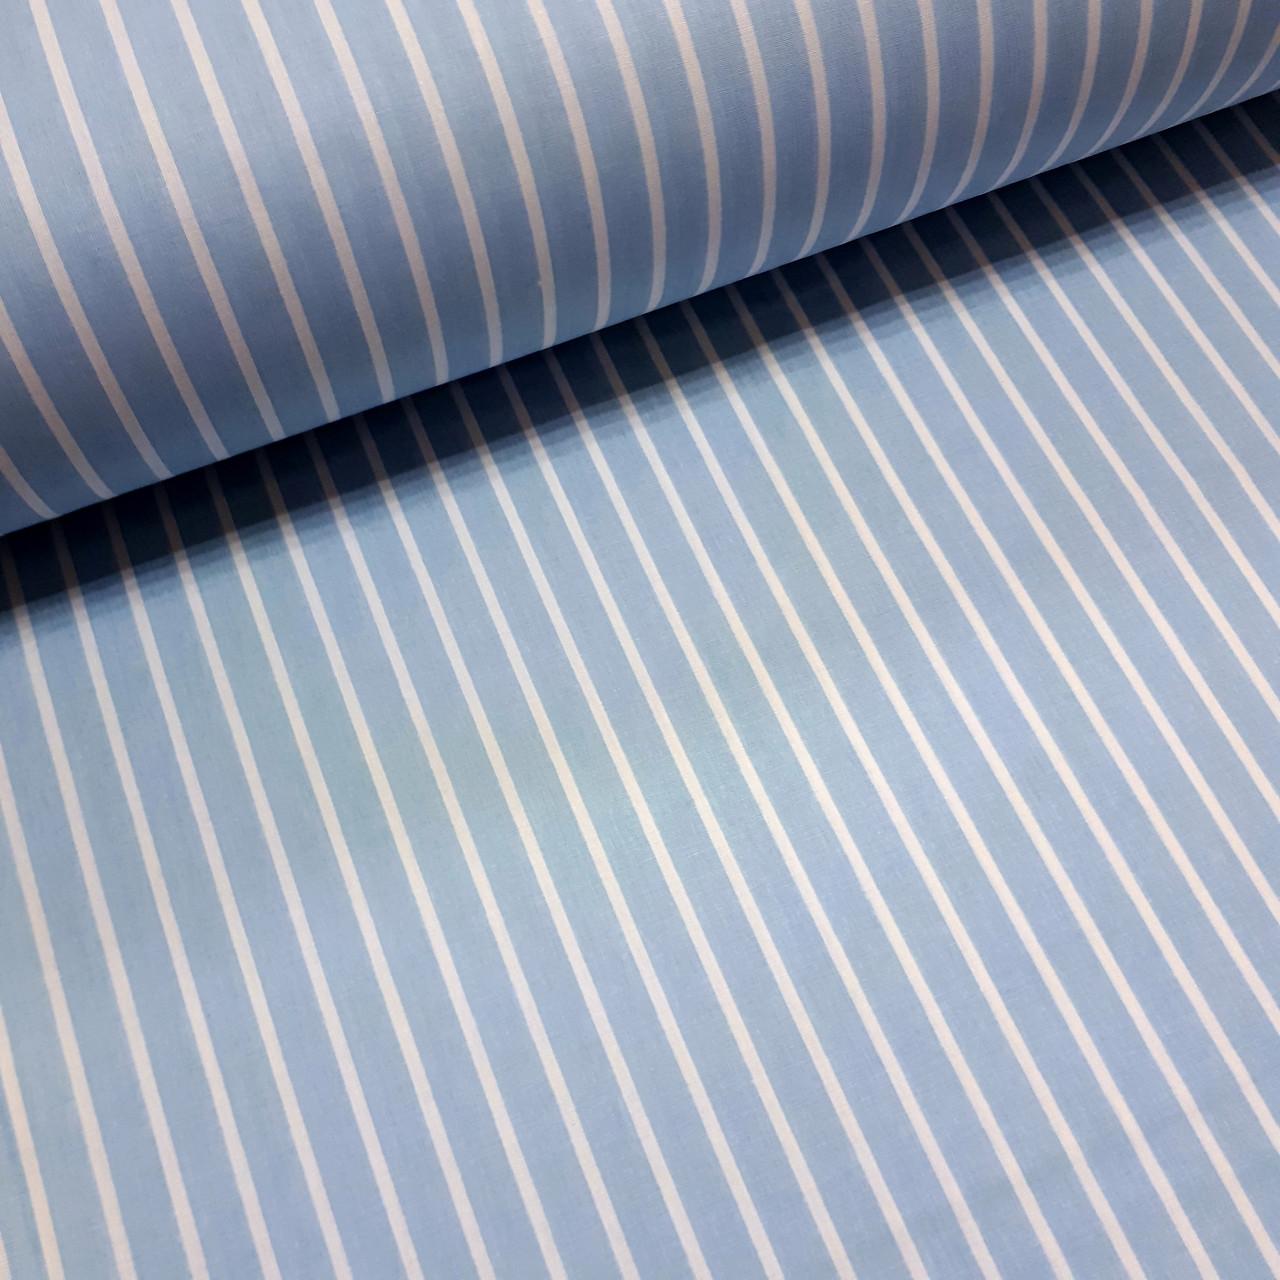 Ткань поплин белая полоска на голубом (ТУРЦИЯ шир. 2,4 м) №32-73